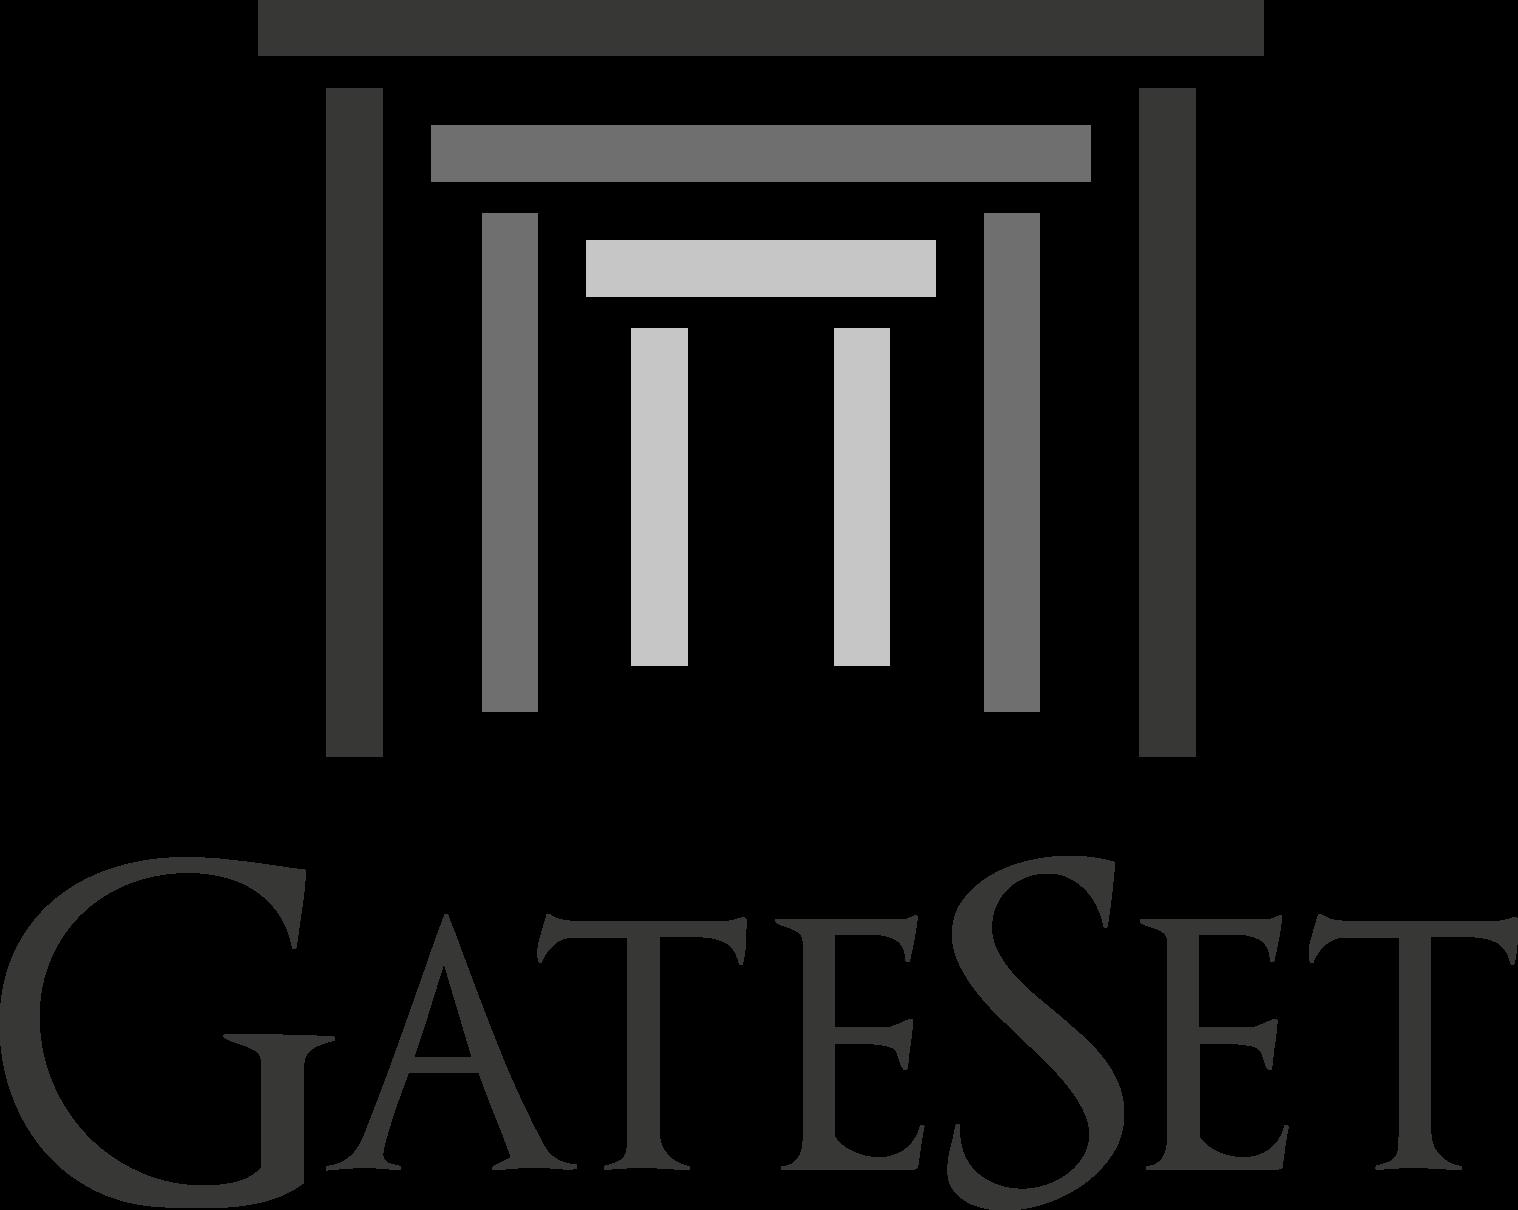 GATESET GÜVENLİK SİSTEMLERİ SANAYİ VE TİCARET LİMİTED ŞİRKETİ, GATESET SECURITY SYSTEMS (GateSet Güvenlik Sistemleri San. Ve Tic. Ltd. Şti.)